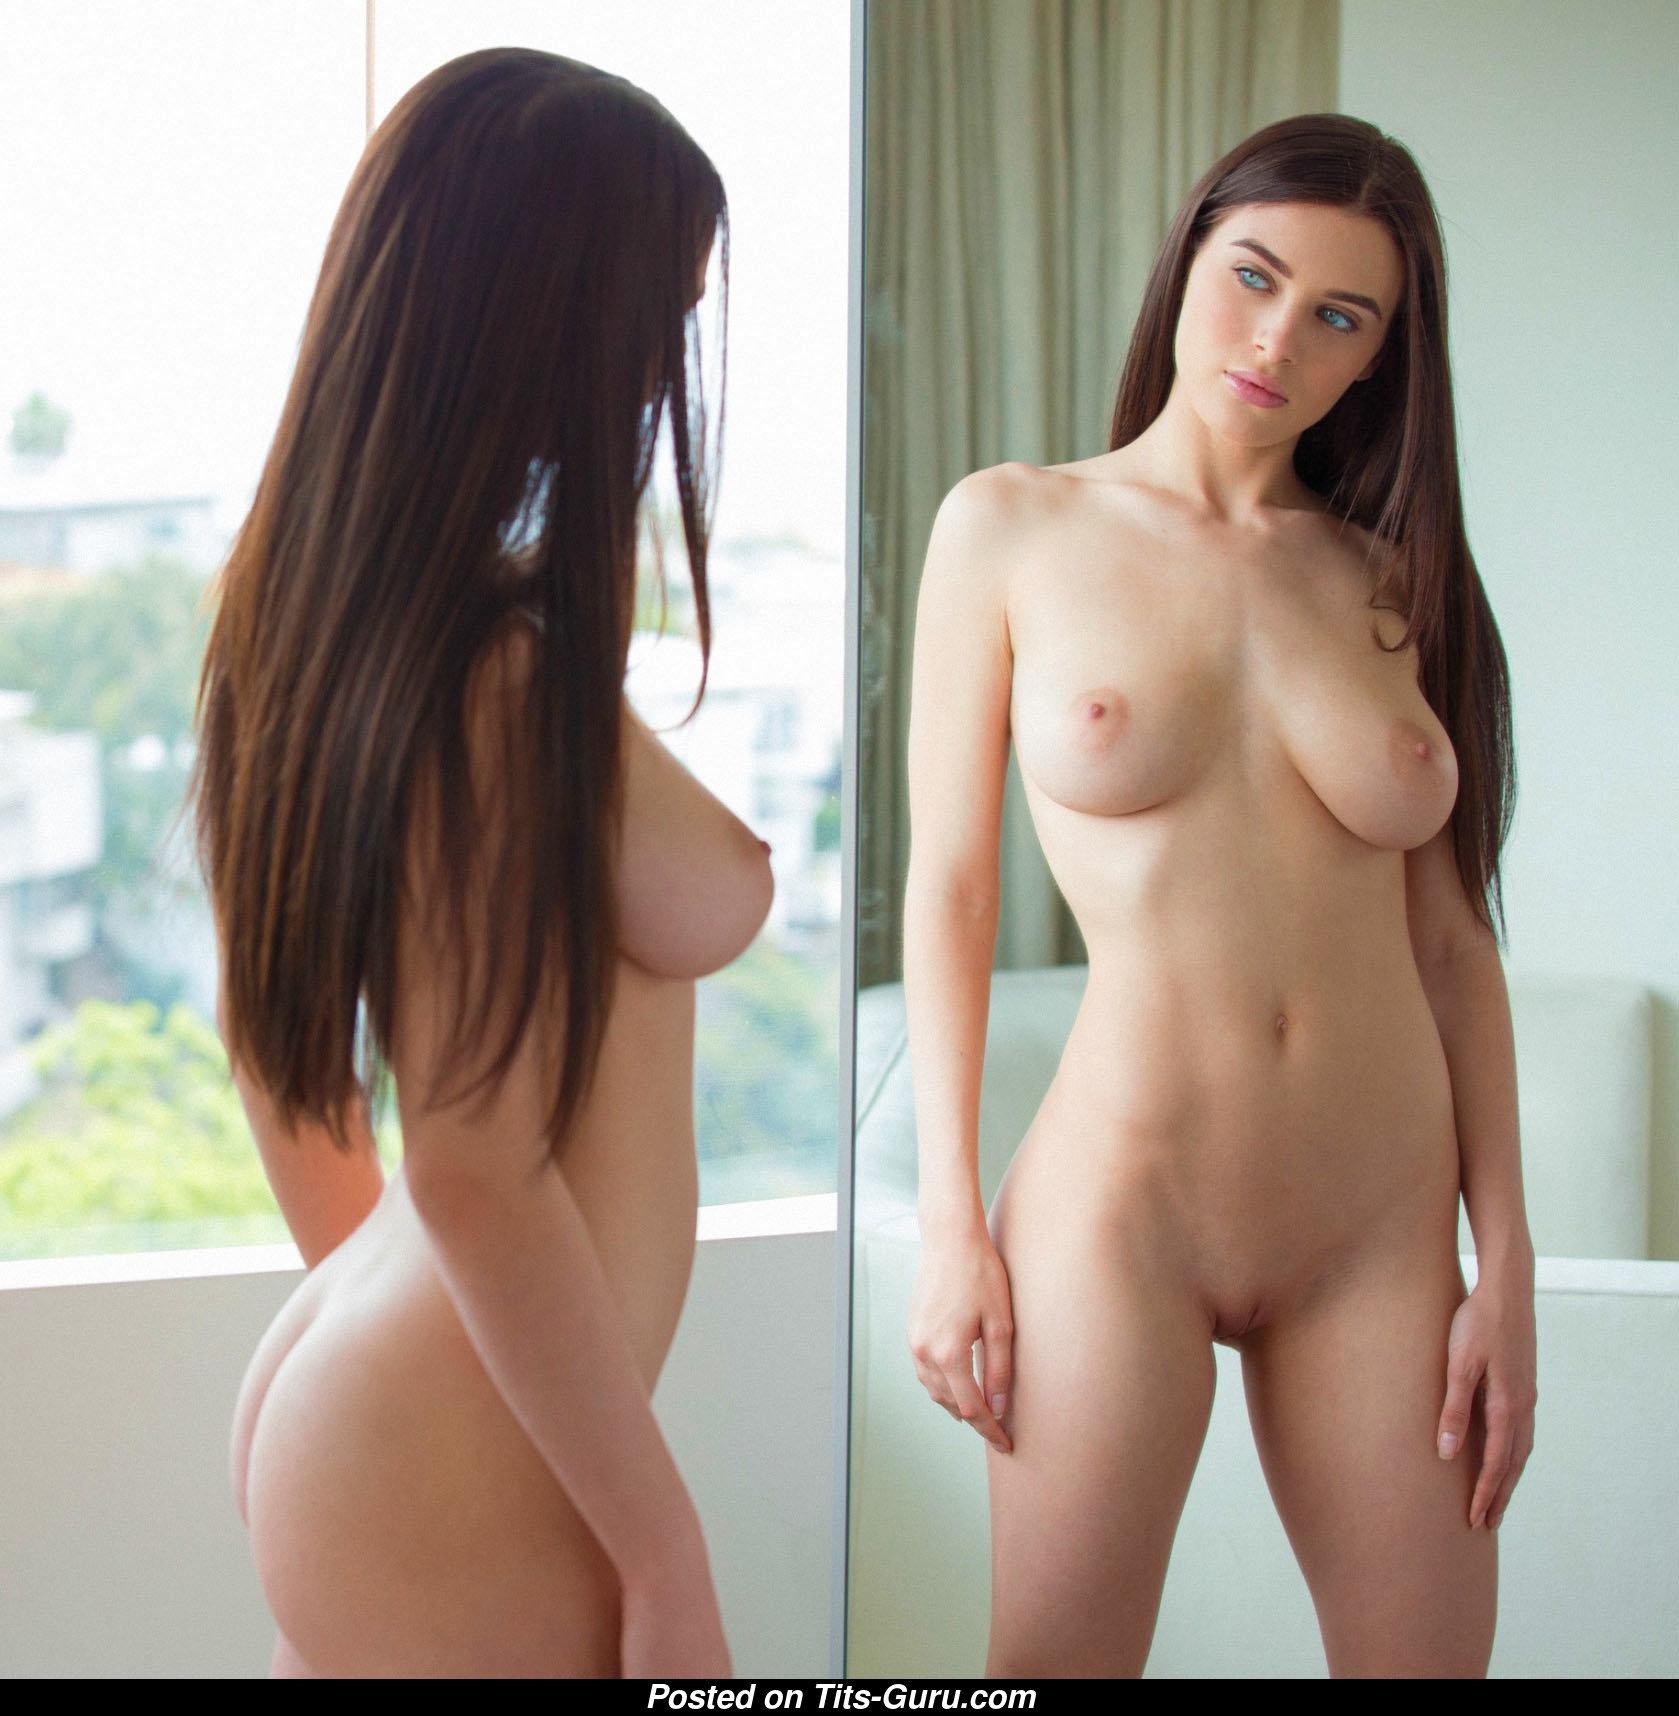 Lana rhoades pornstar bio freeones